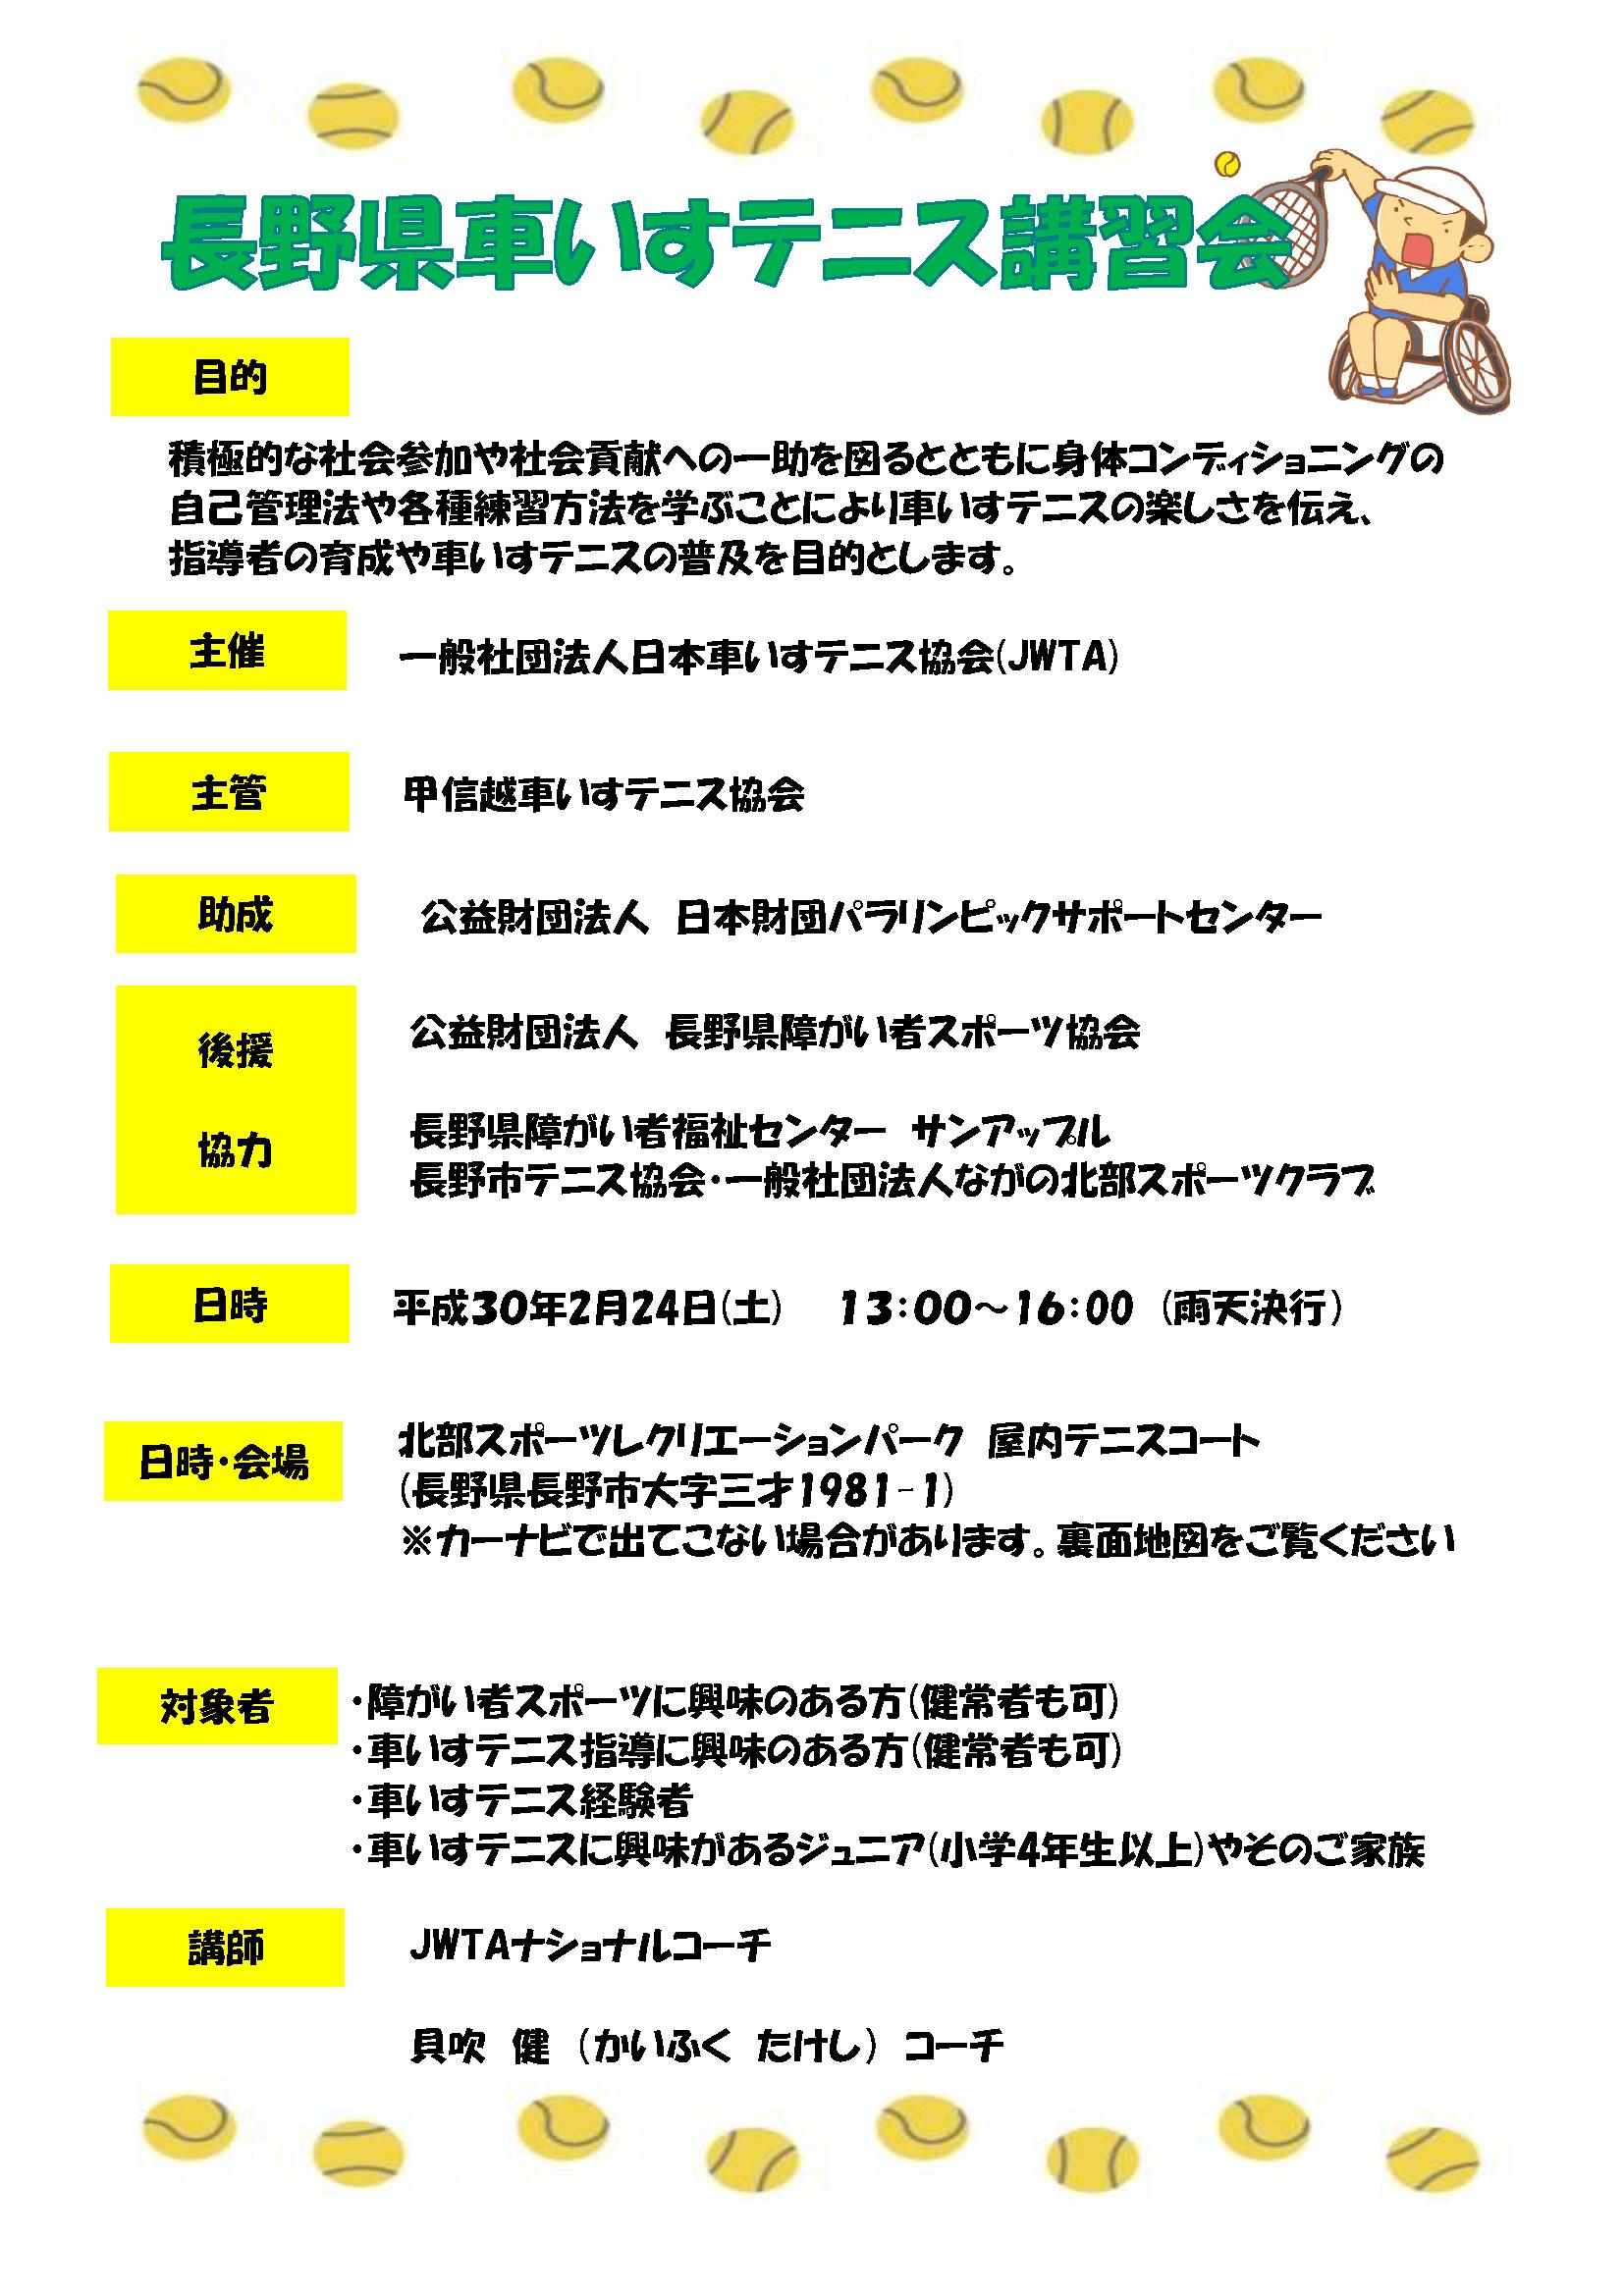 nagano_info